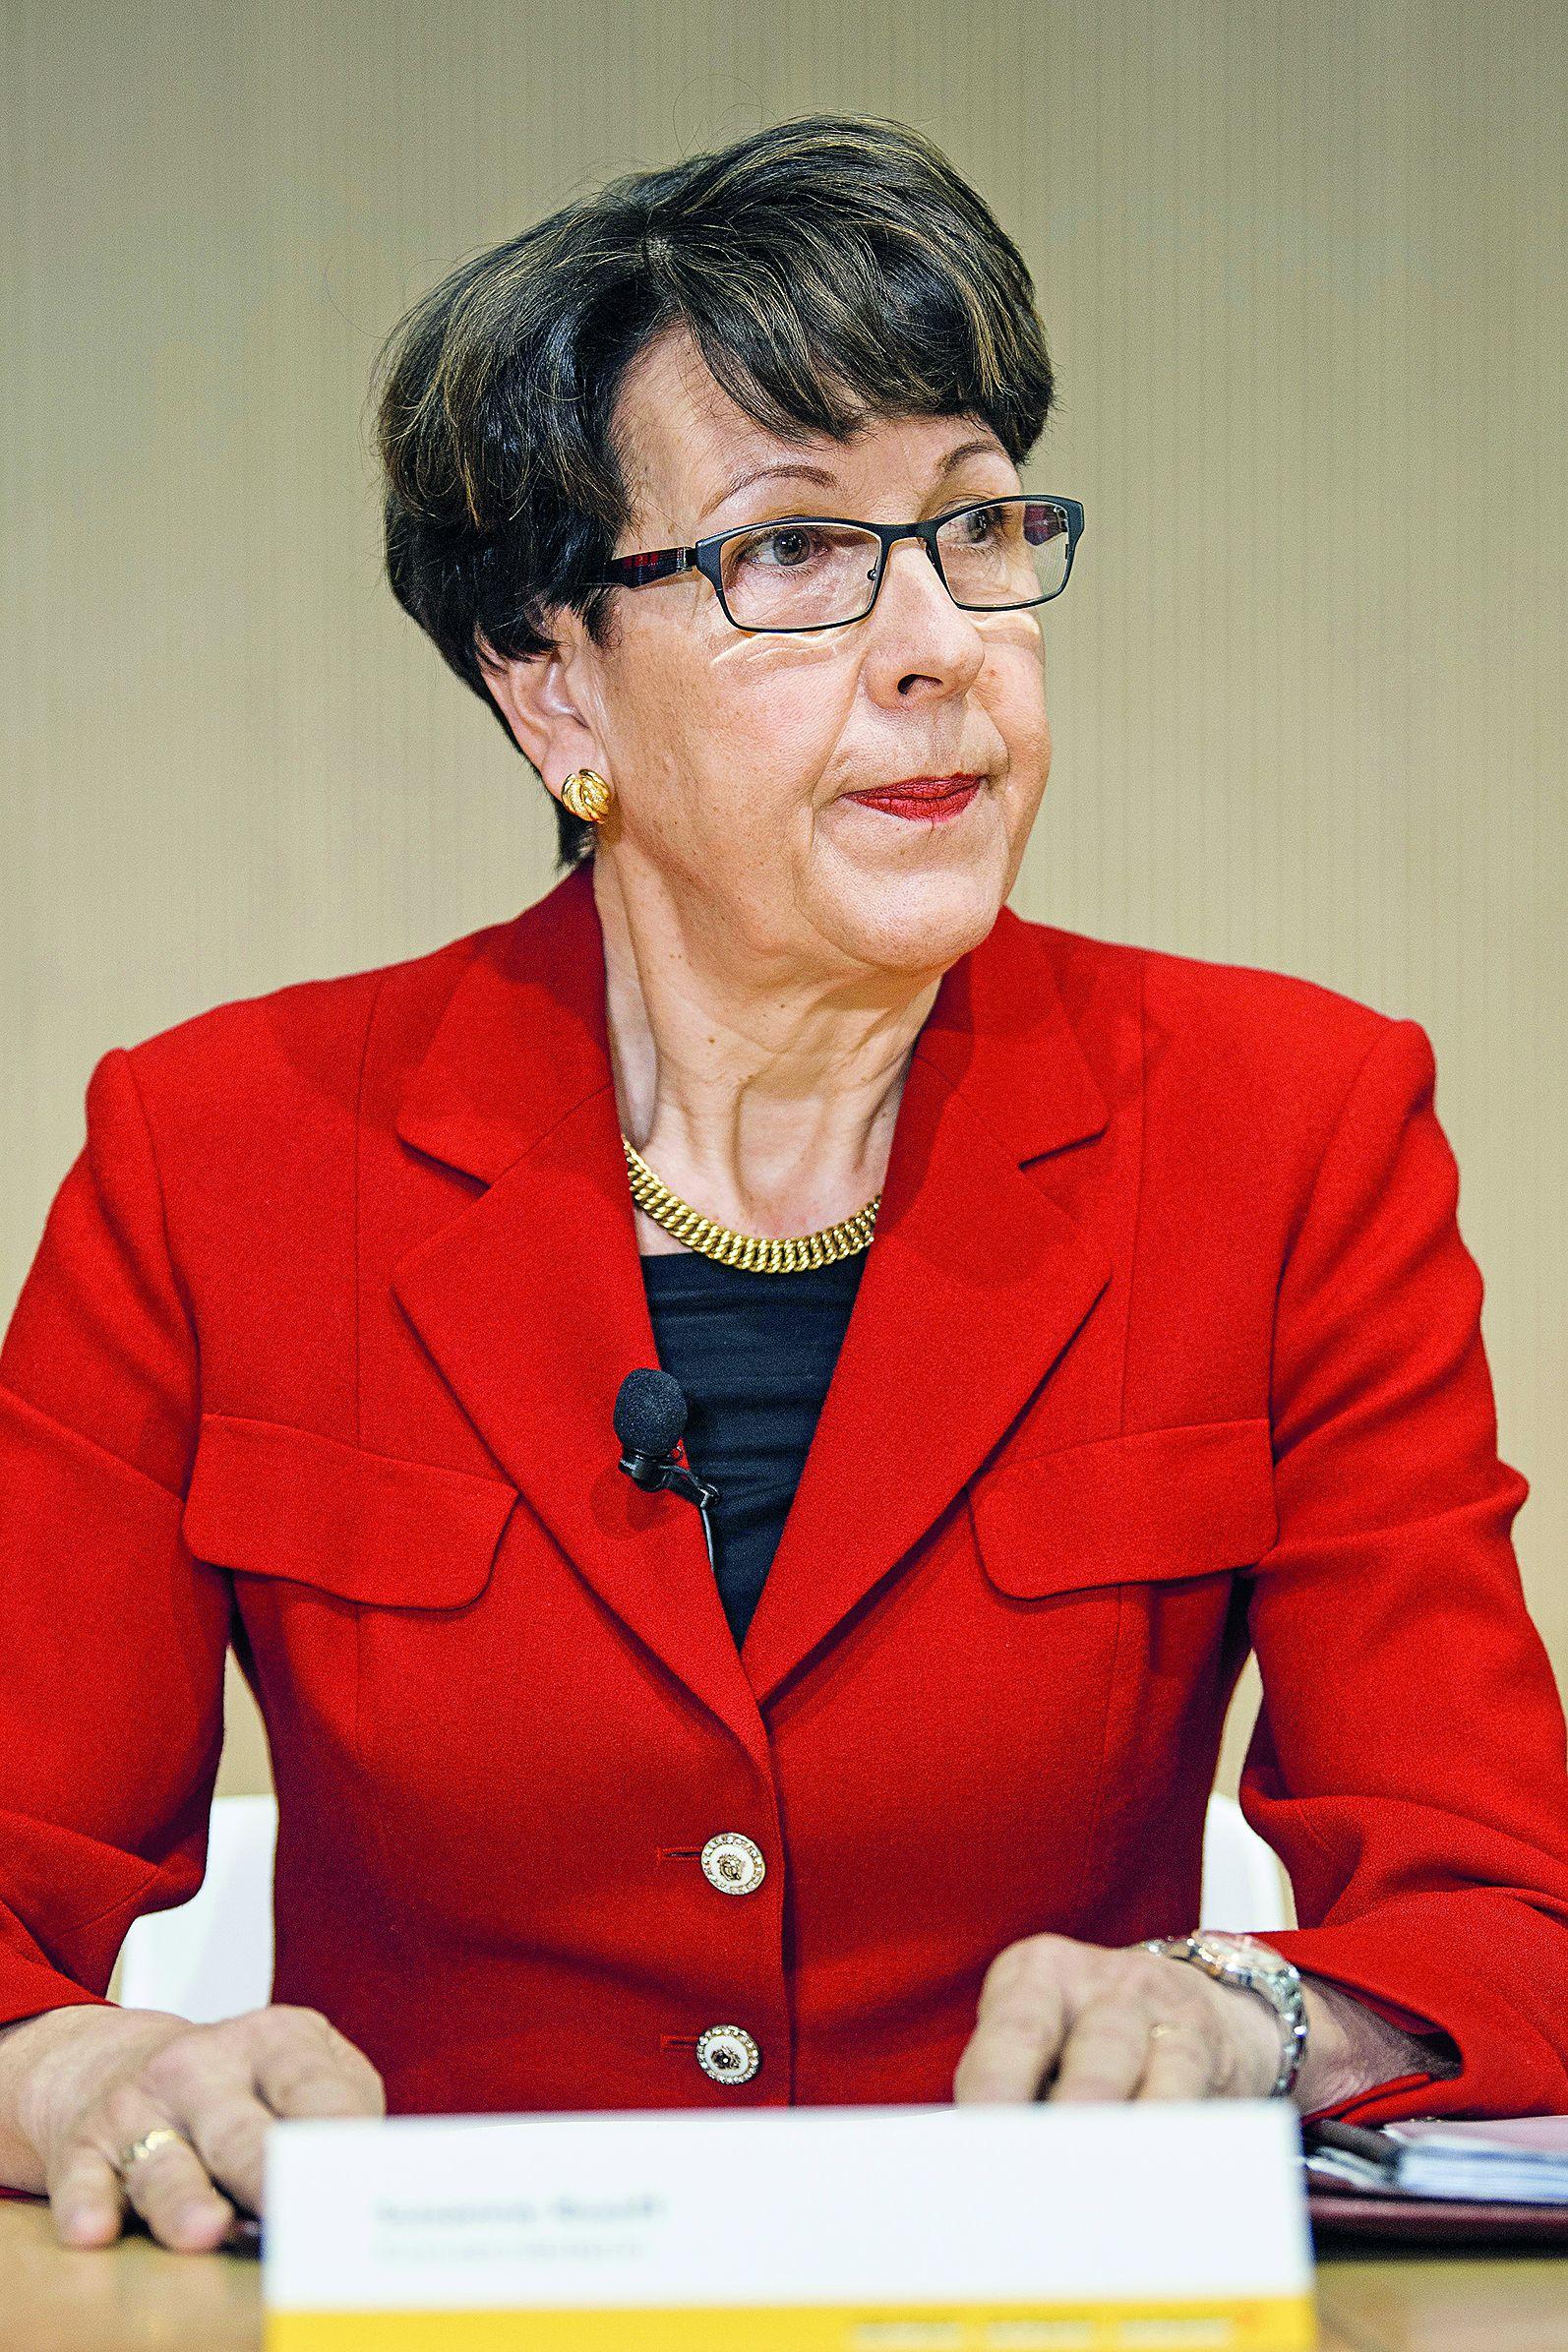 Lo scandalo ha prodotto una crepa nella storia brillante dell'Autopostale. La direttrice generale Susanne Ruoff ne ha tratto le conseguenze e ha dimissionato in giugno.